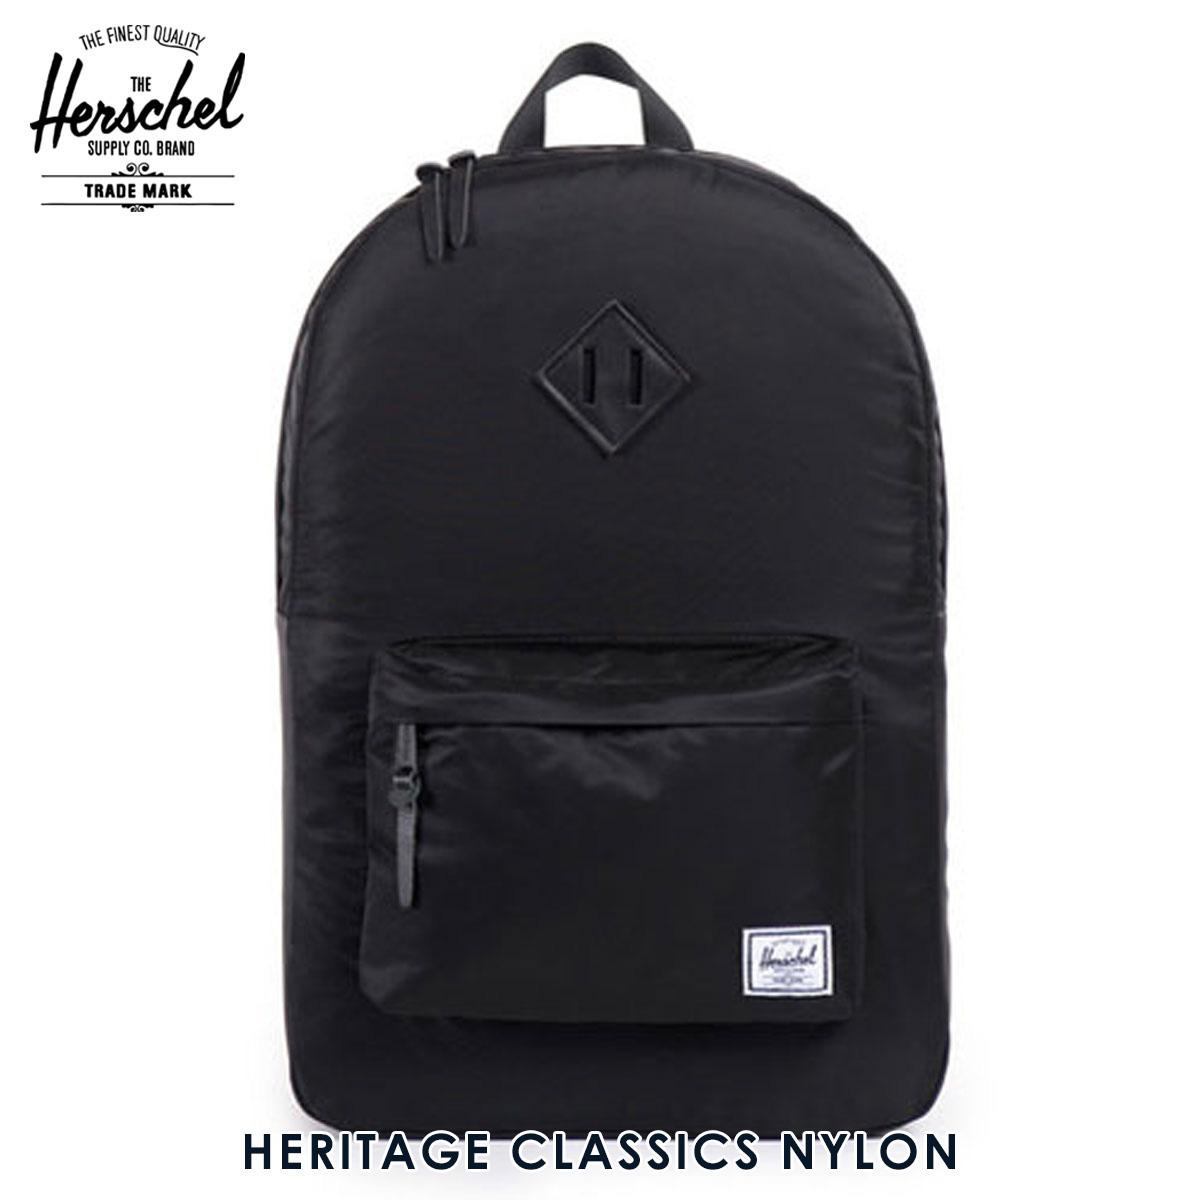 ハーシェル サプライ Herschel Supply 正規販売店 バッグ Heritage Classics - Nylon 10007-00587-OS Black D15S25